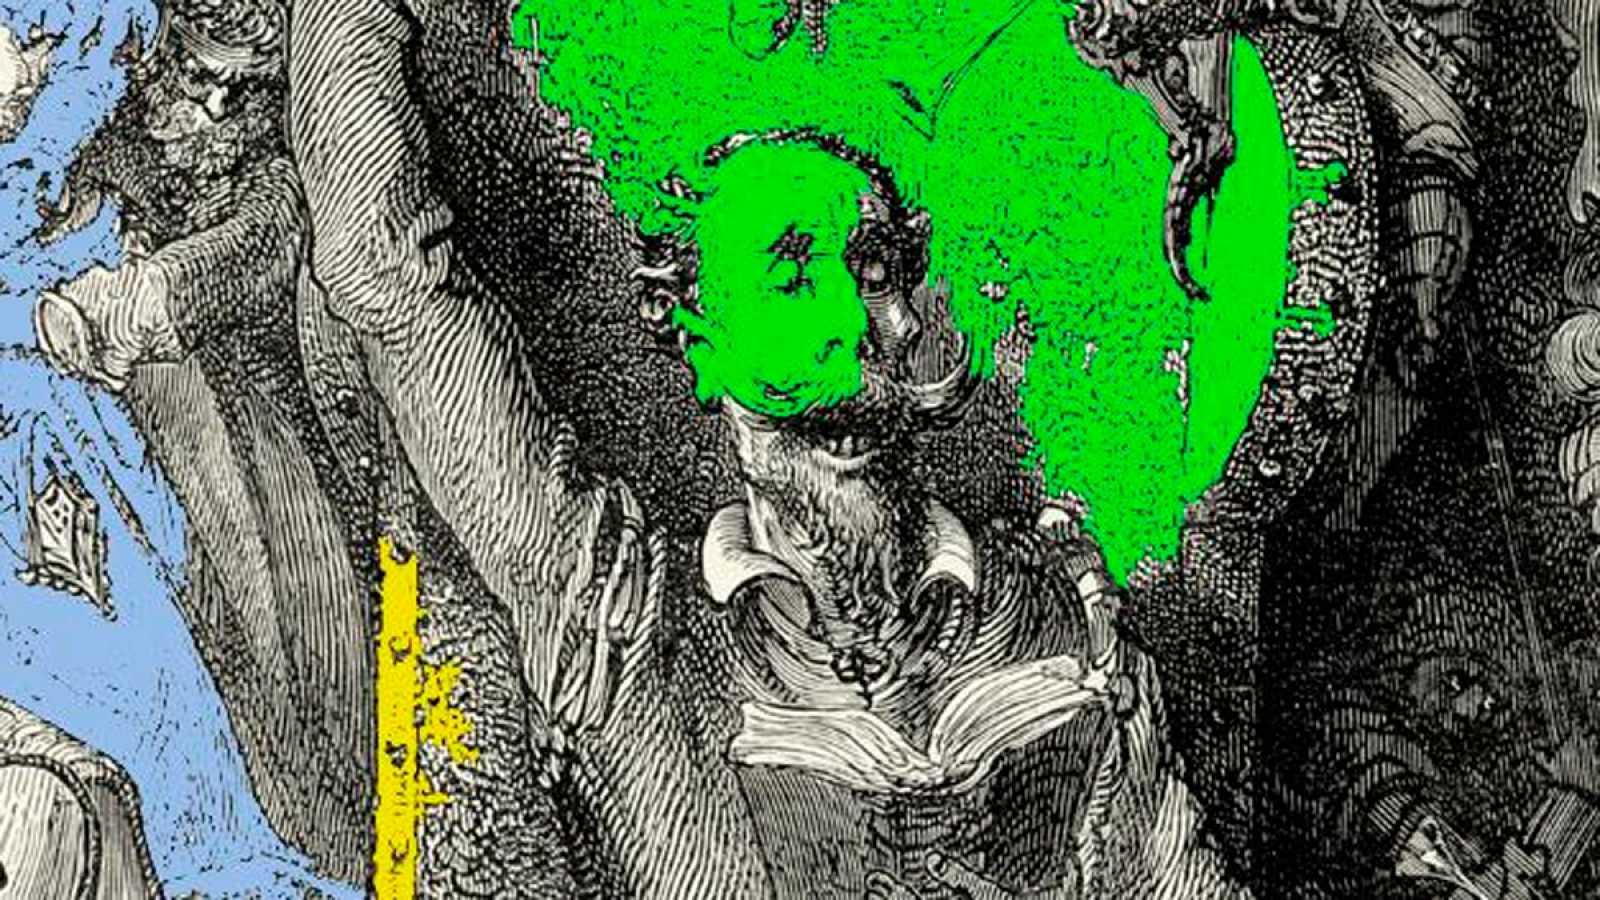 La hora del bocadillo - Bocadillo de Cervantes - 23/04/16 - escuchar ahora